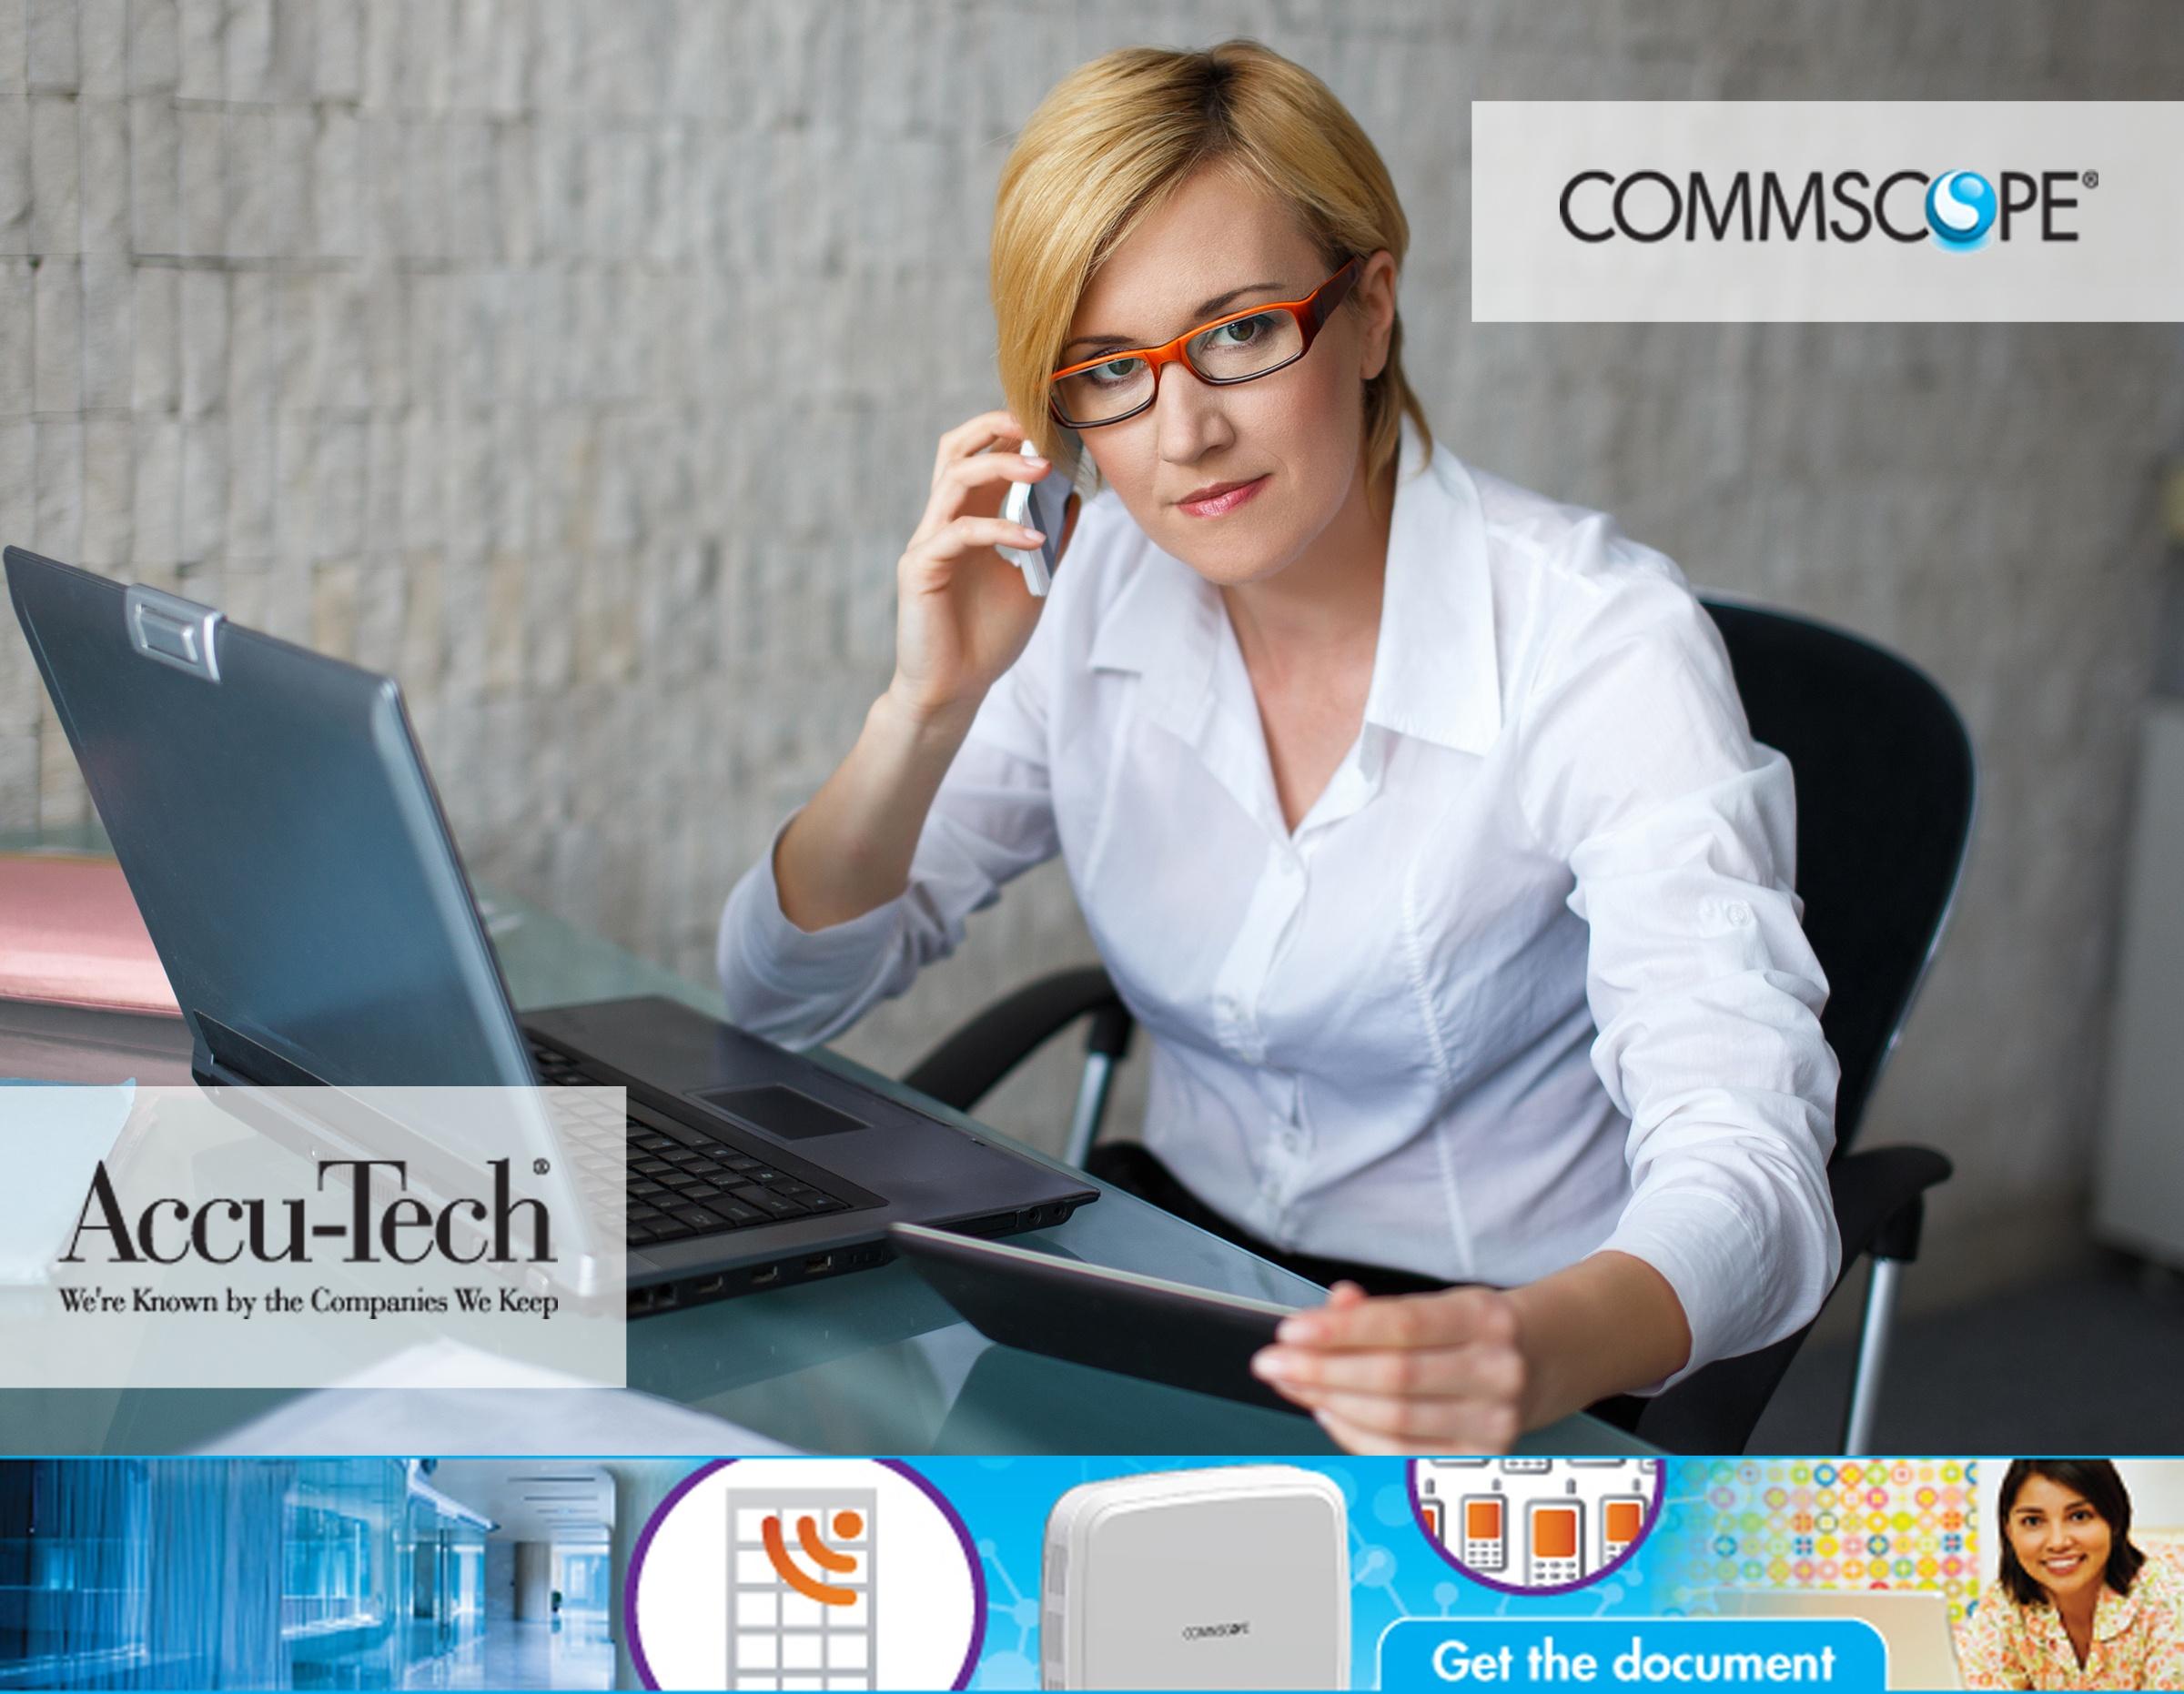 Accu-Tech_CommScope_II